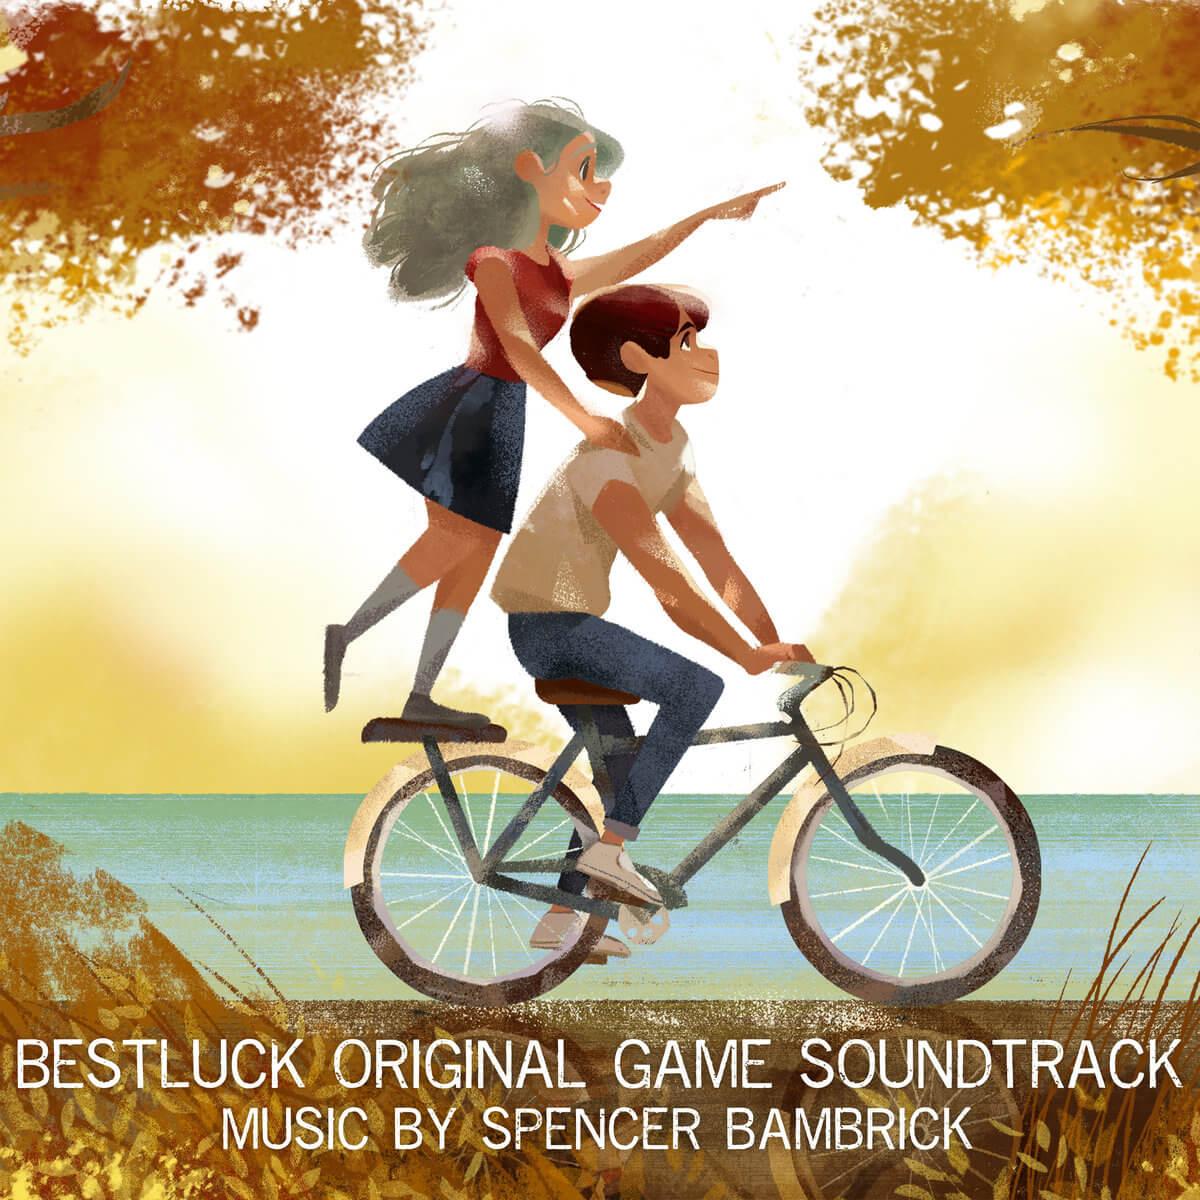 Spencer Bambrick - BestLuck Original Game Soundtrack.jpg